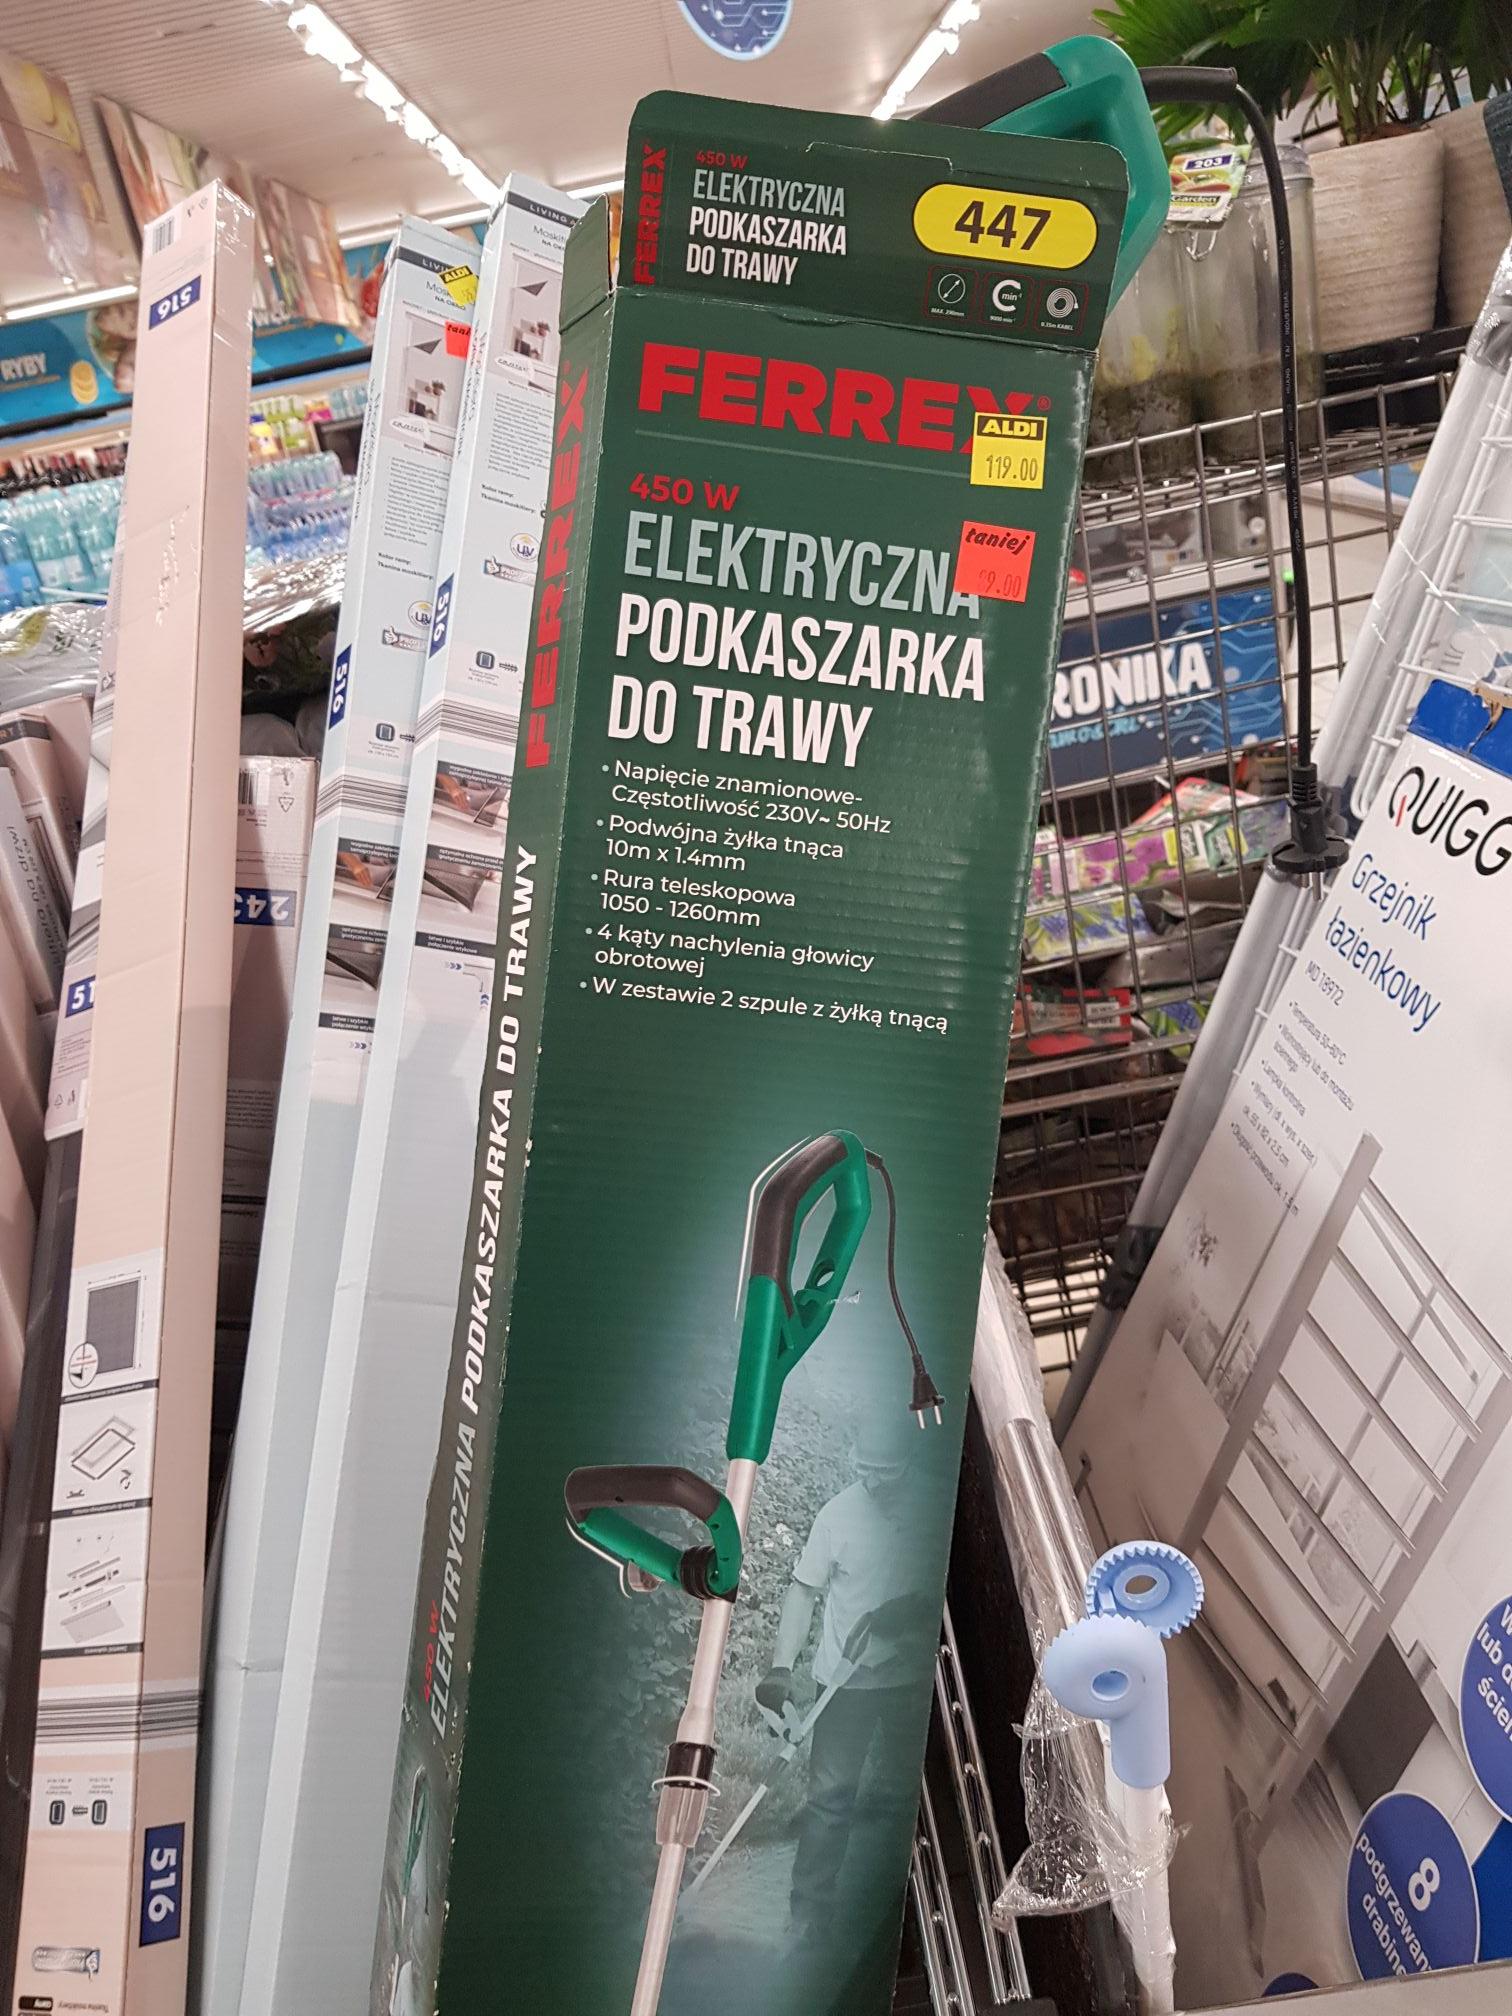 Podkaszarka Ferrex elektryczna 450w